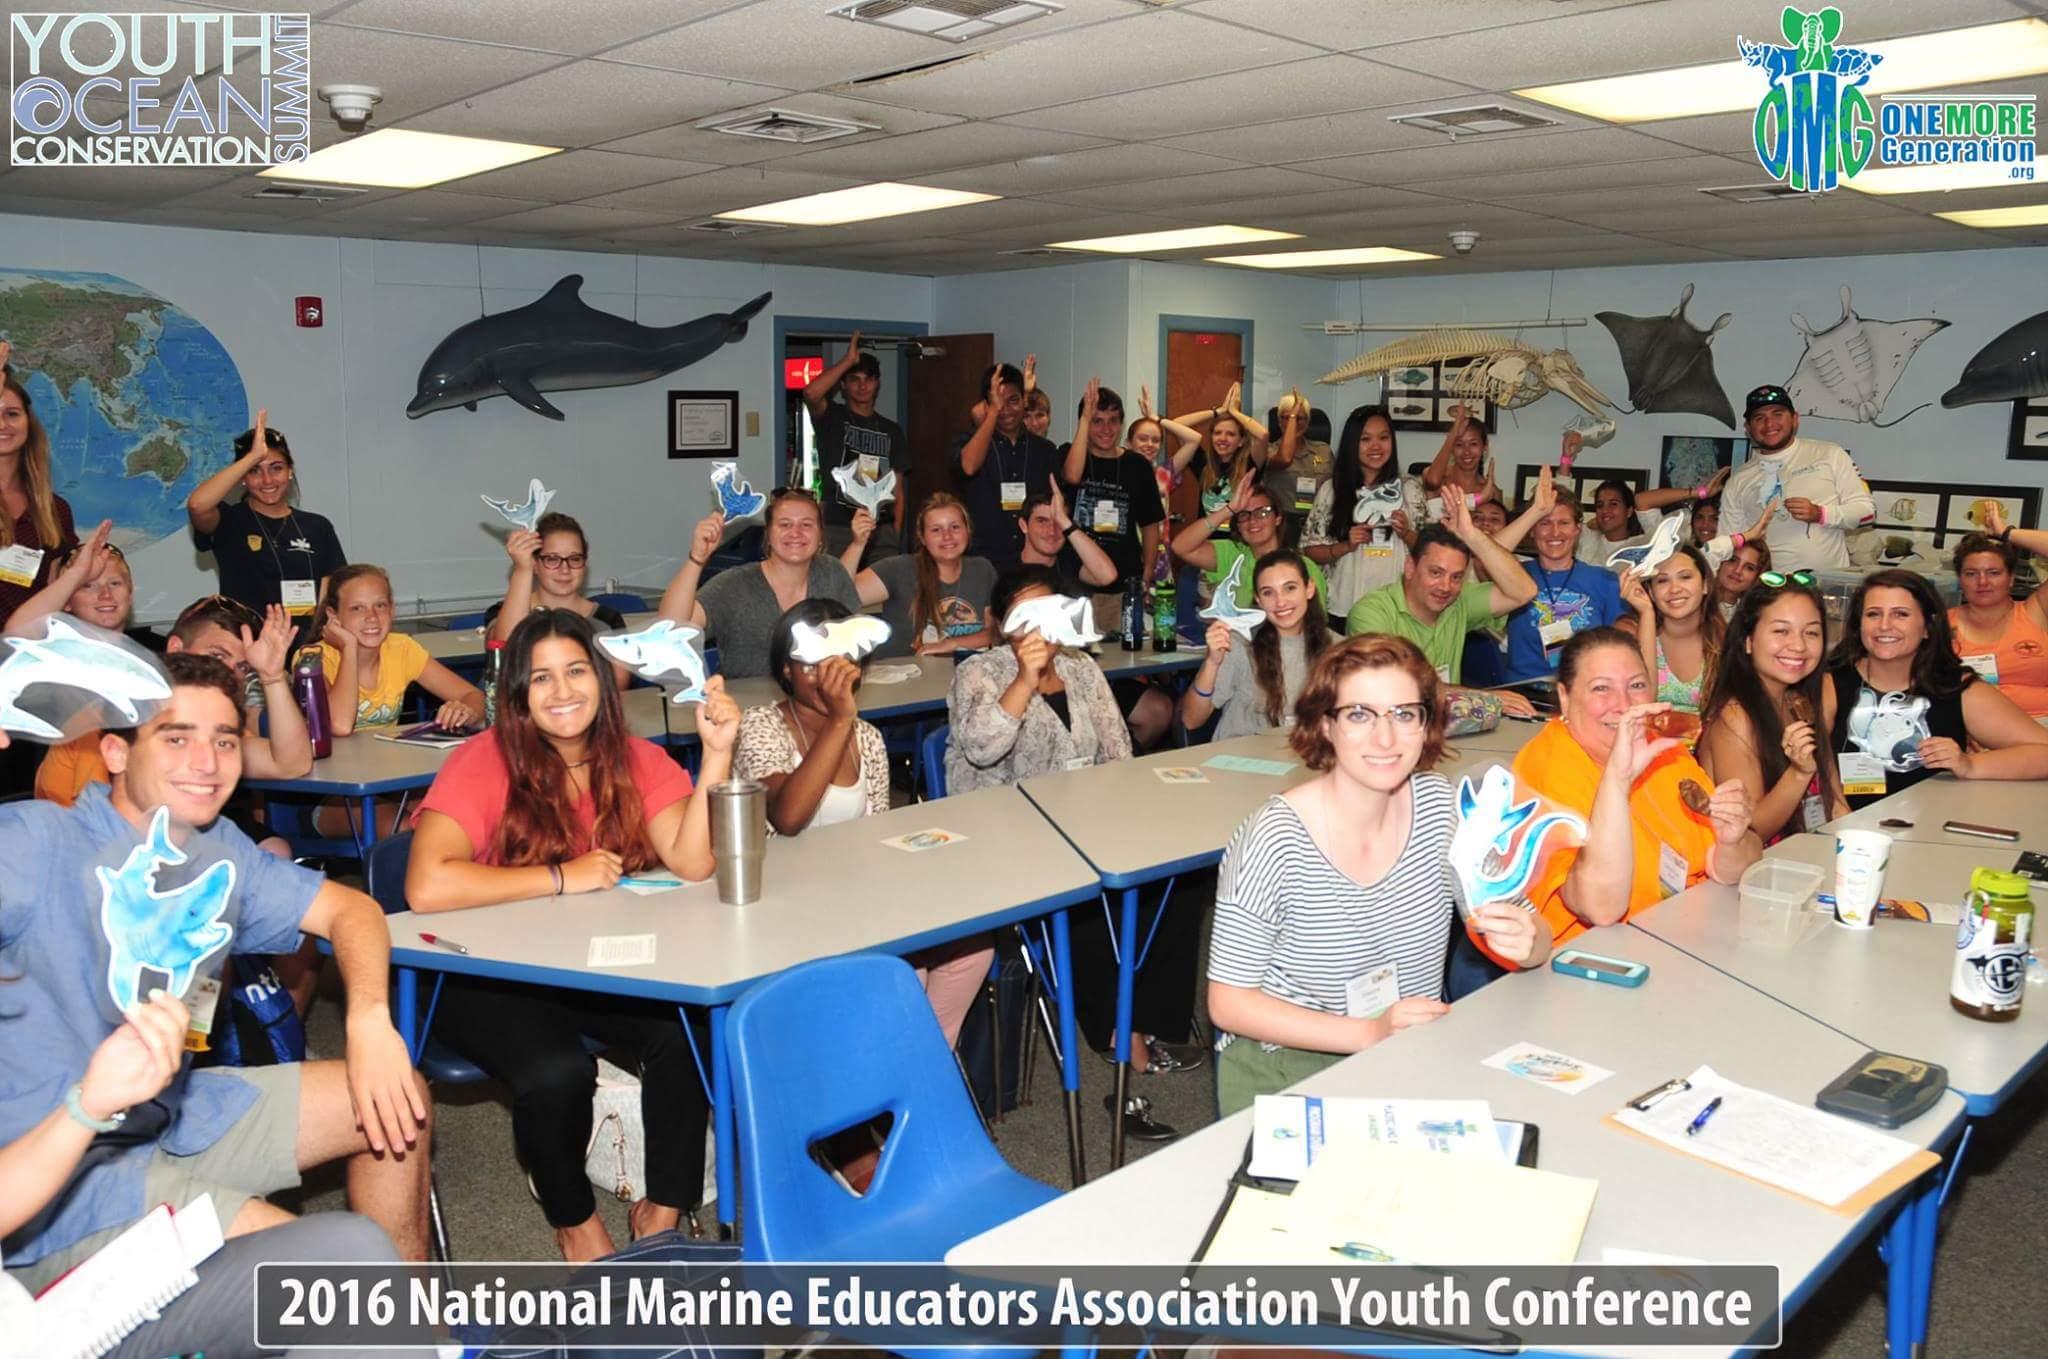 .@JrzyShark had a blast speaking at #NMEA16 Youth Conference. #SharkStanley @NatlMarineEd @NYSMEA @NJMarineEd https://t.co/qXNK10v7Fh